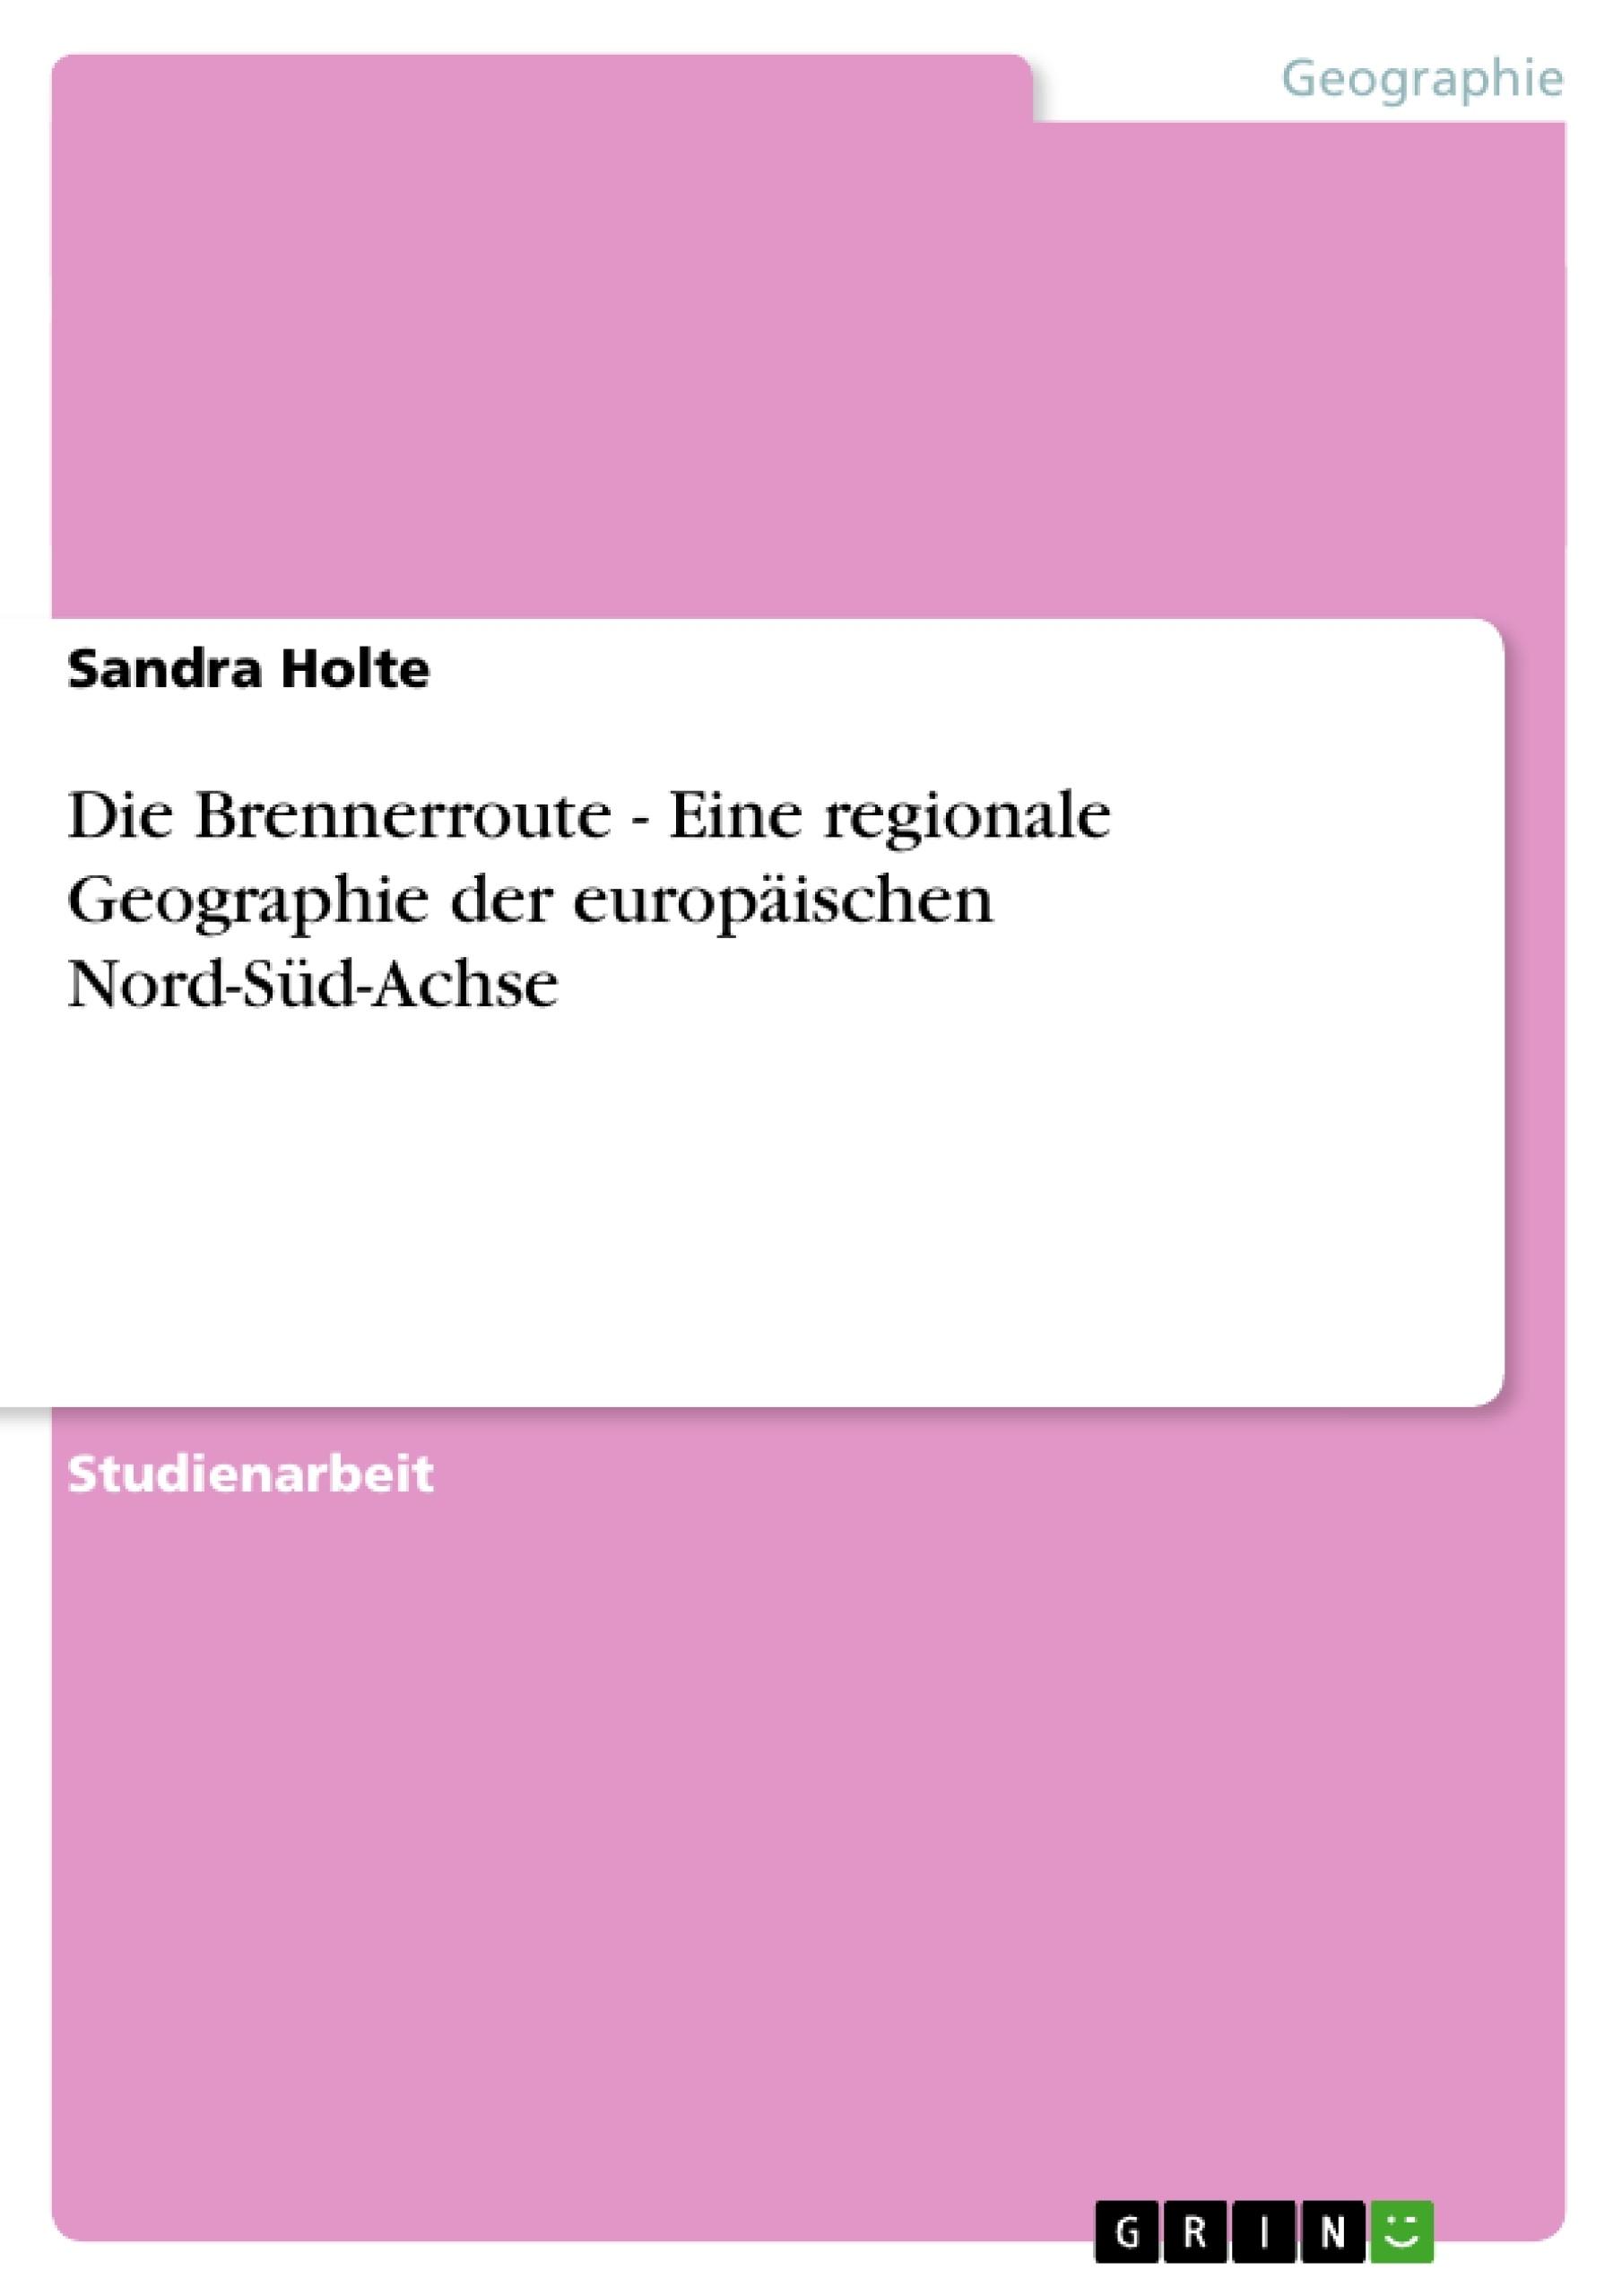 Titel: Die Brennerroute - Eine regionale Geographie der europäischen Nord-Süd-Achse